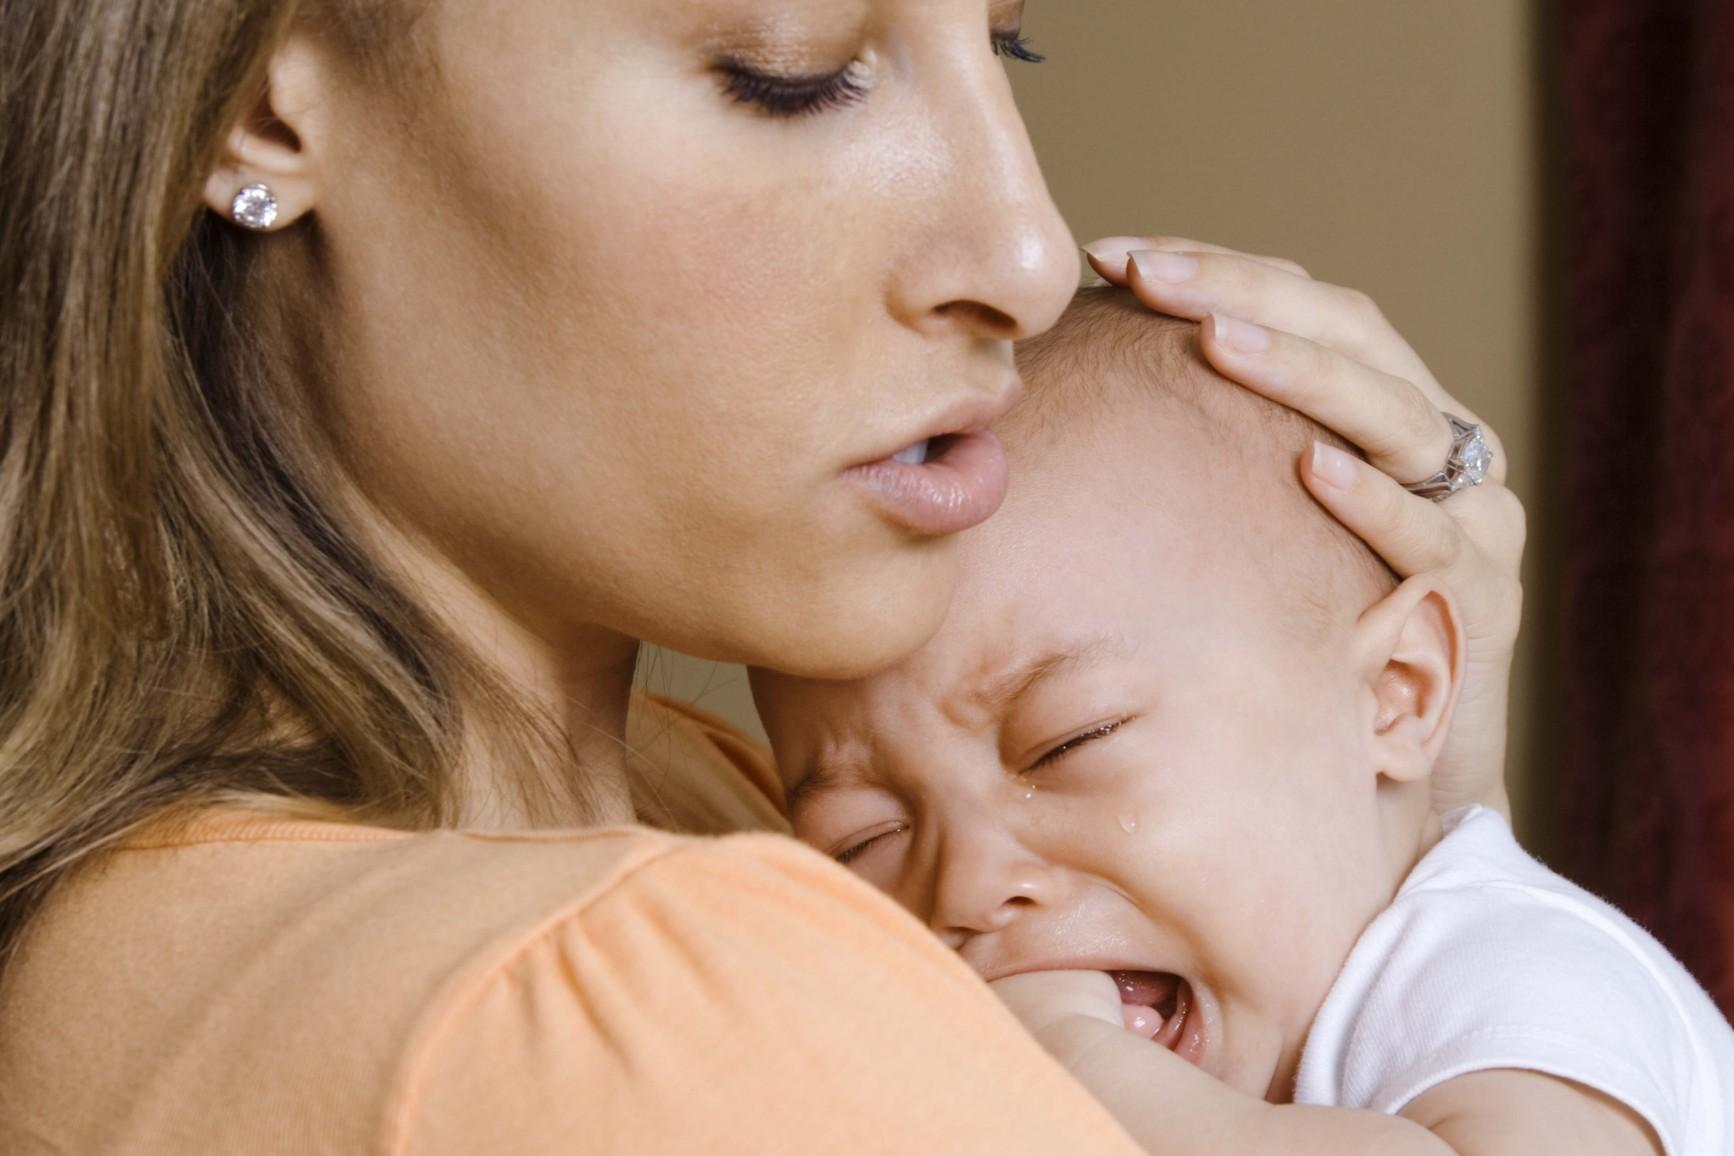 Stitichezza nel neonato: rimedi, cause e cosa fare